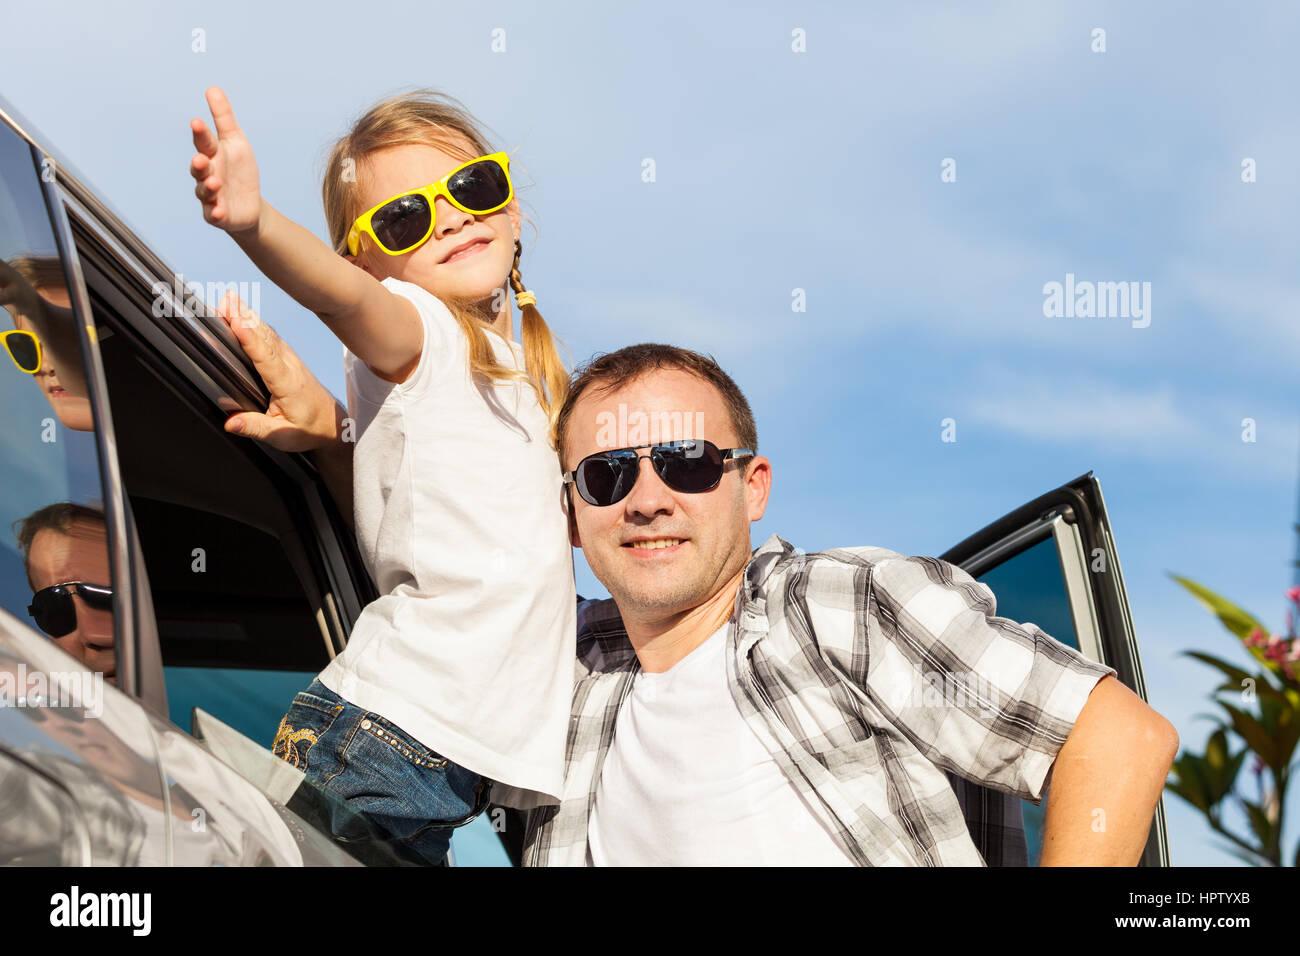 Felice padre e figlia ottenere pronto per il viaggio su strada in una giornata di sole. Concetto di famiglia amichevole. Immagini Stock